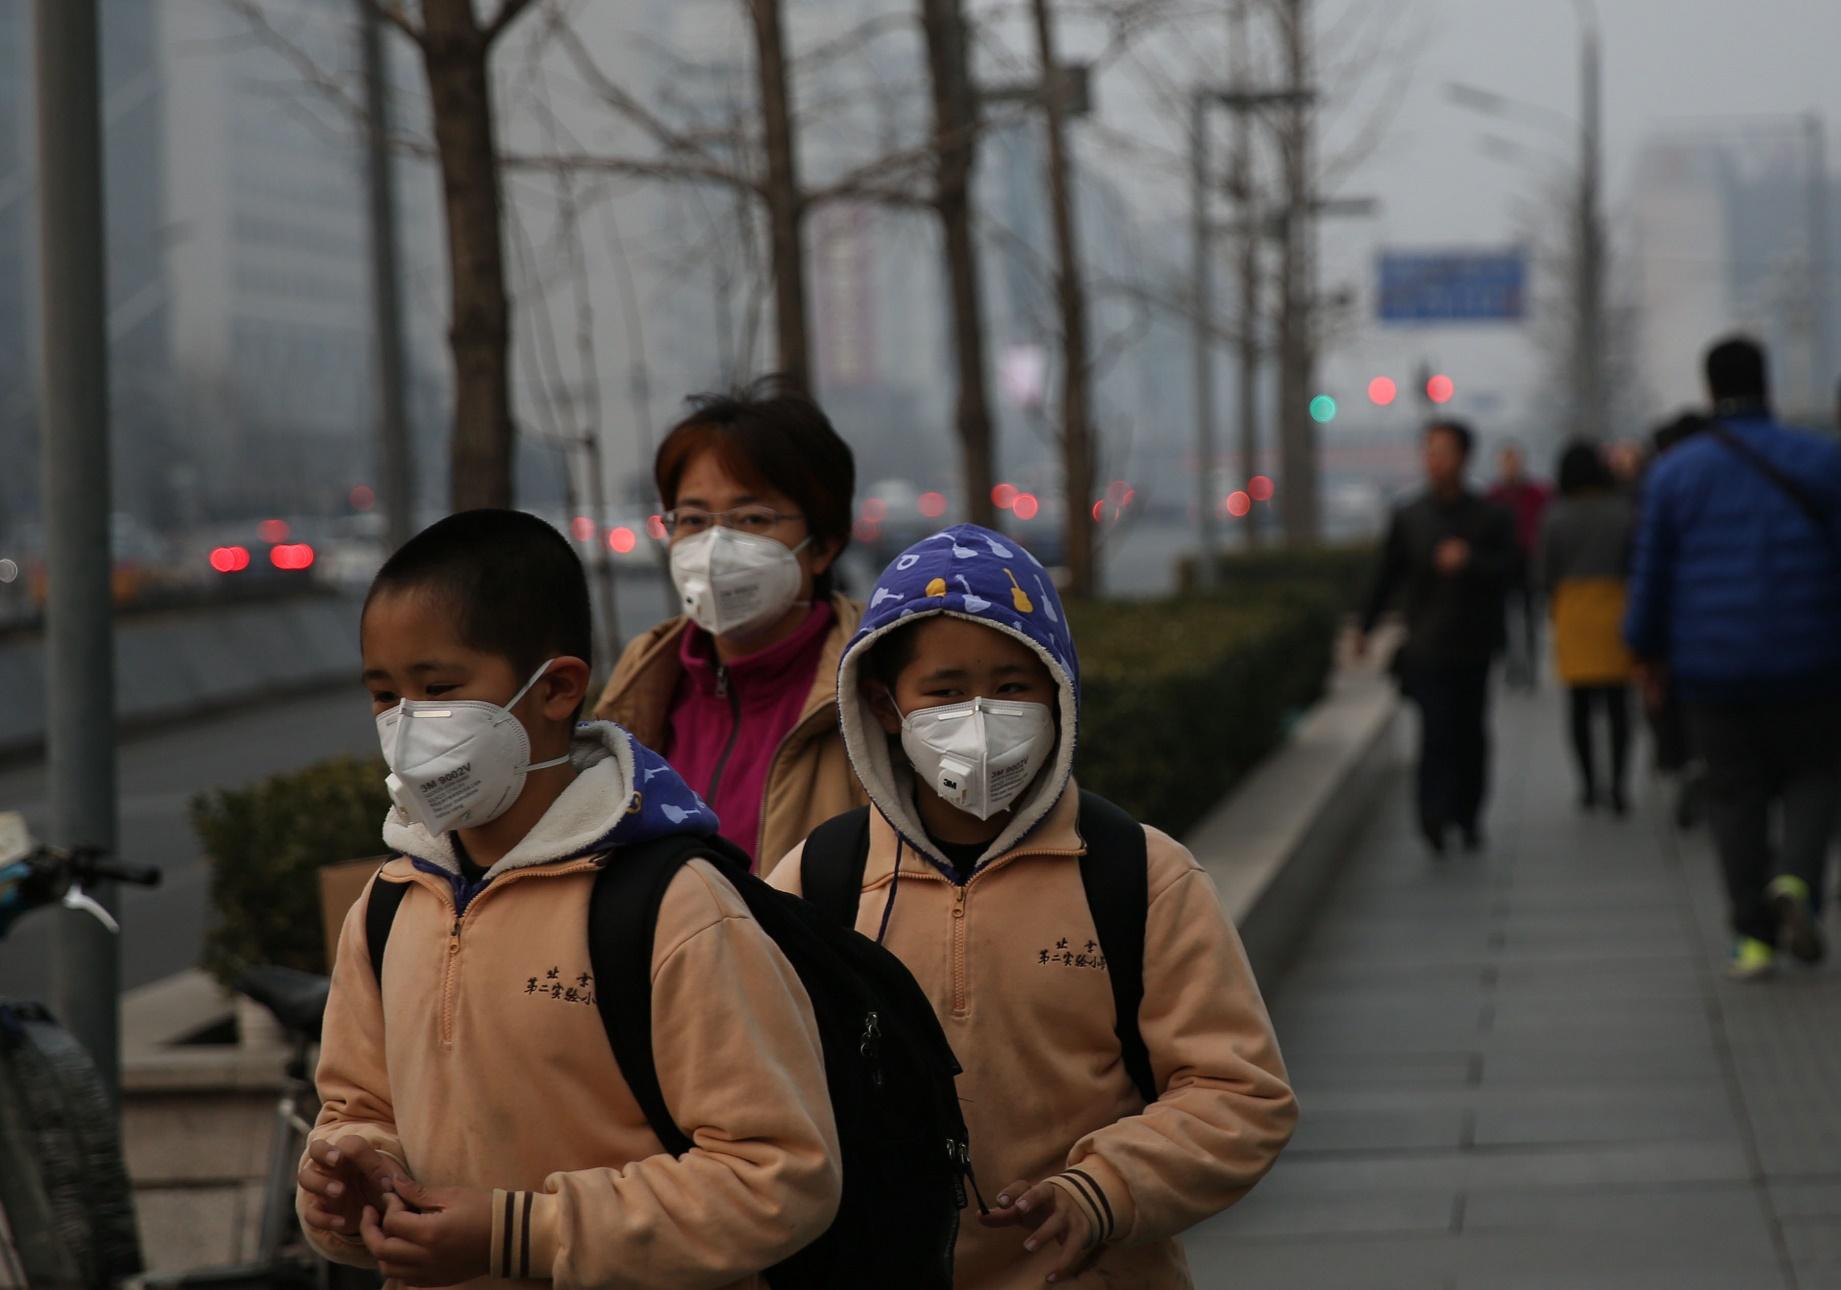 Apesar de continuar sendo um dos países mais poluídos do mundo, a China vem conseguindo melhorar a situação de 2011 para cá